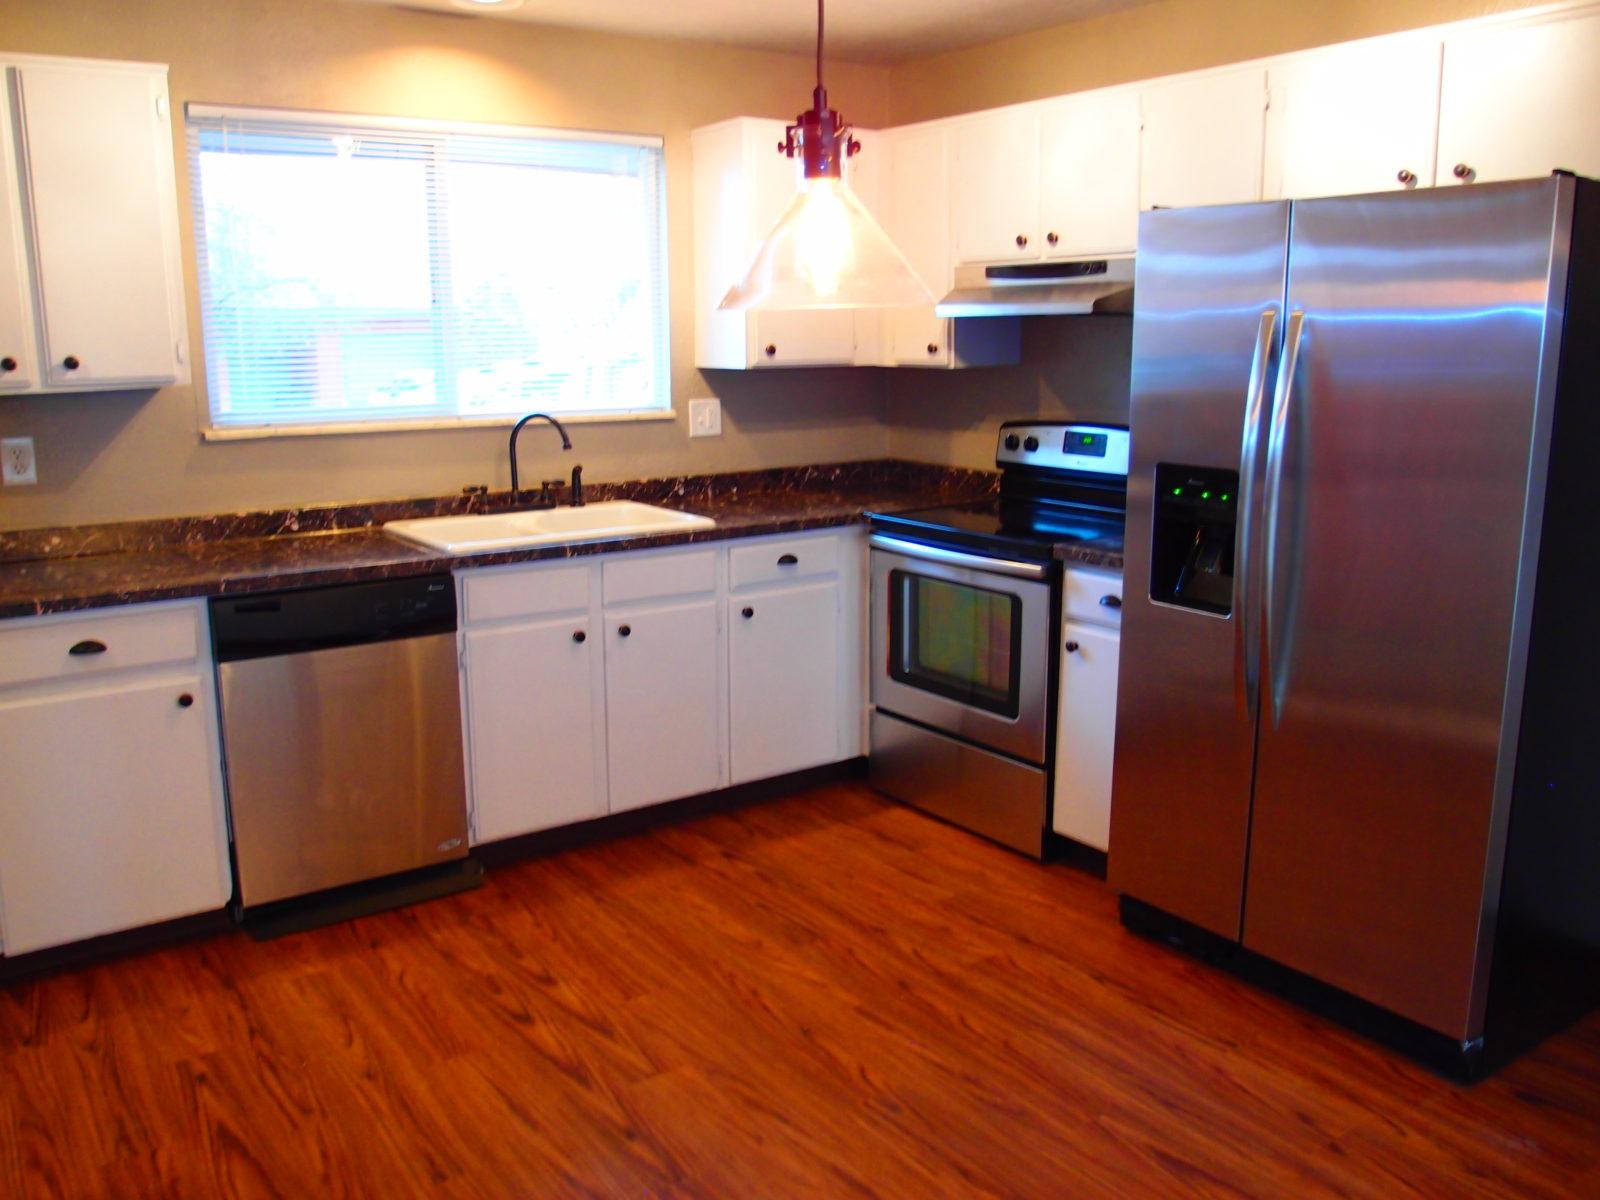 231 kitchen 3